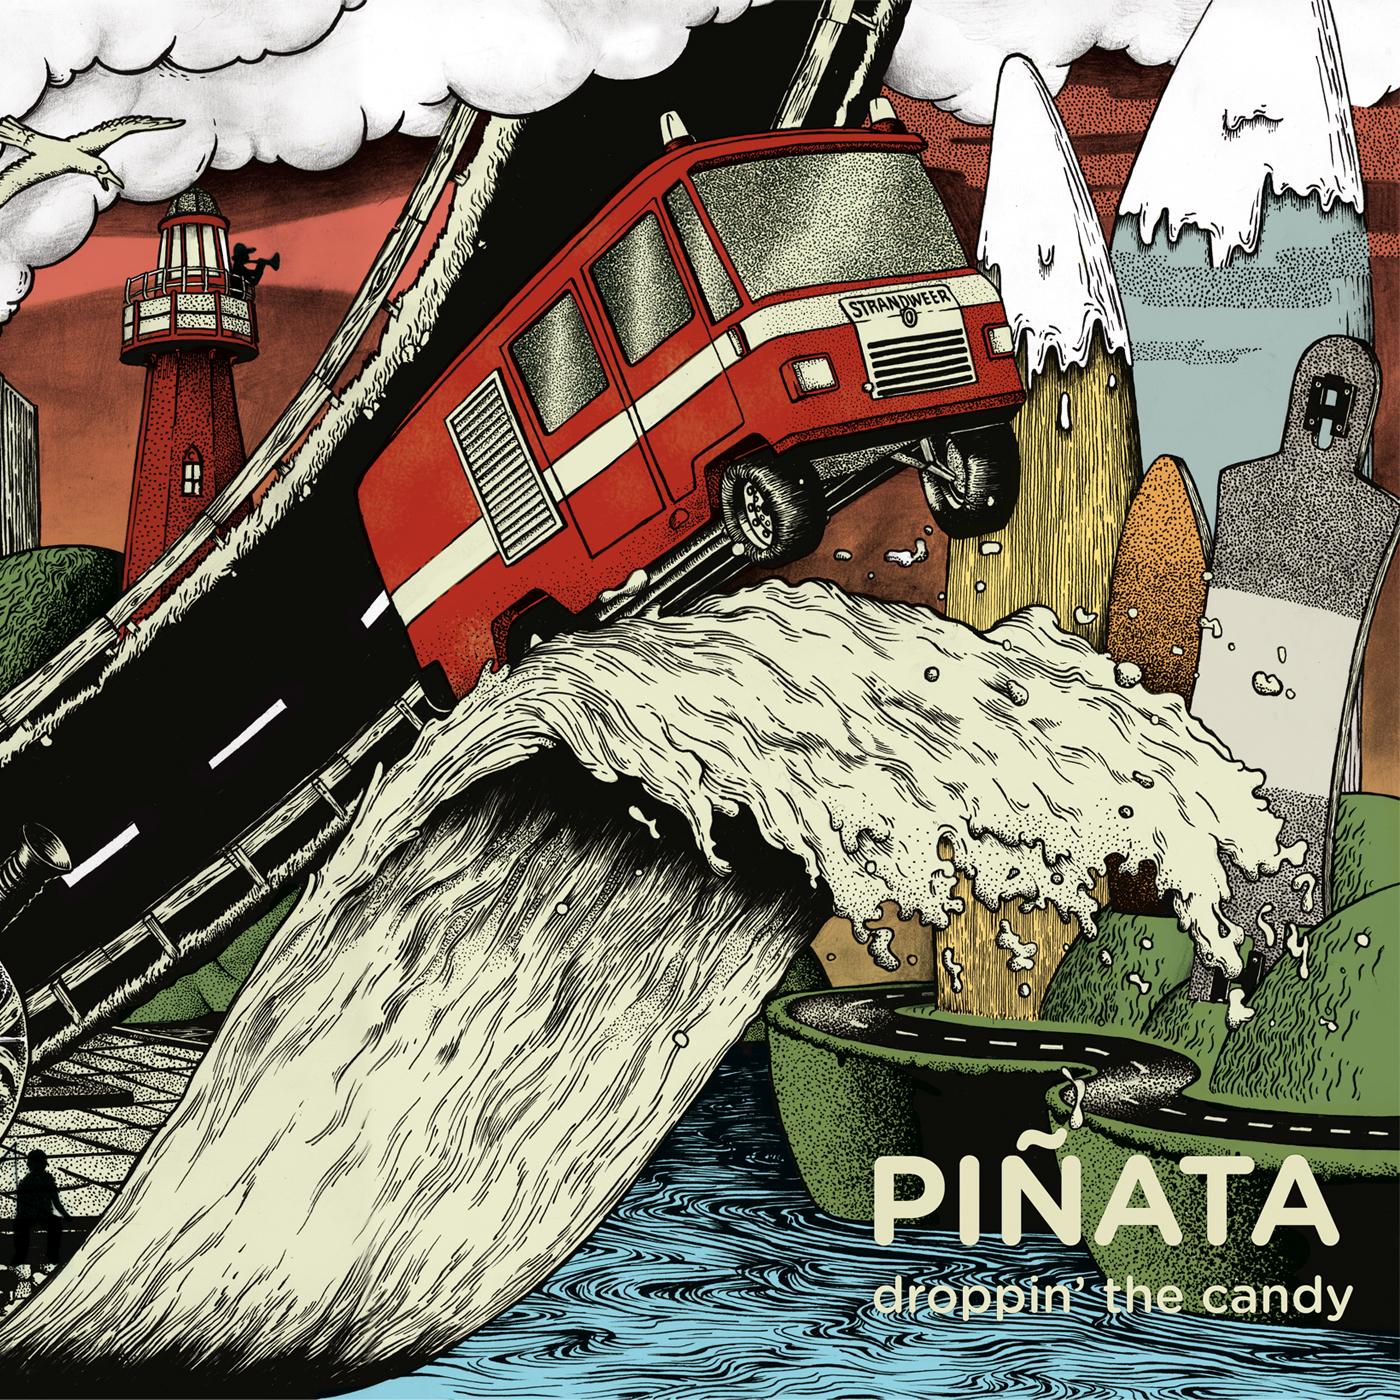 Pinata-Droppin-the-Candy.jpg